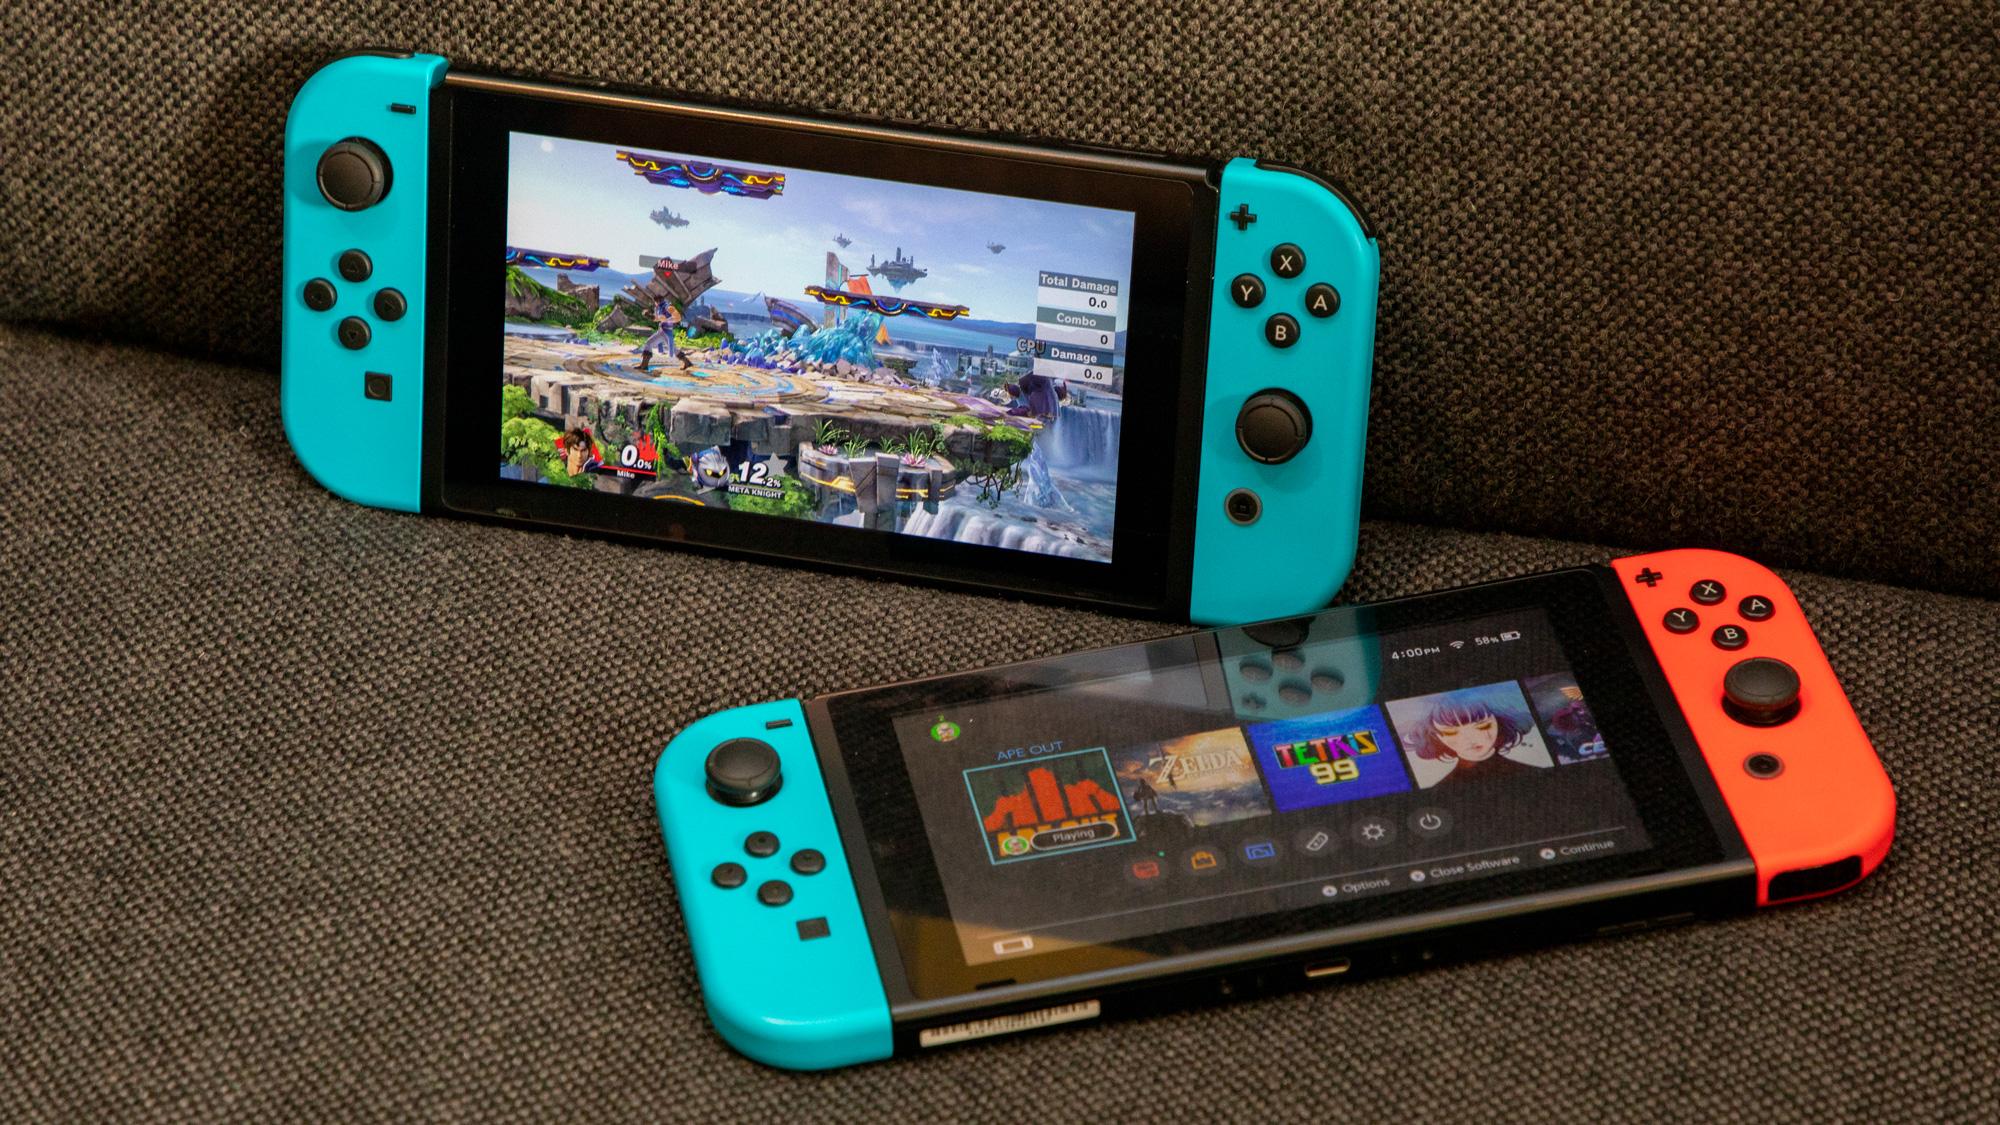 Nintendo switch 2 rodará games em 4k. Empresa teria solicitado aos desenvolvedores de jogos que estejam preparados para 4k, para um provável nintendo switch 2